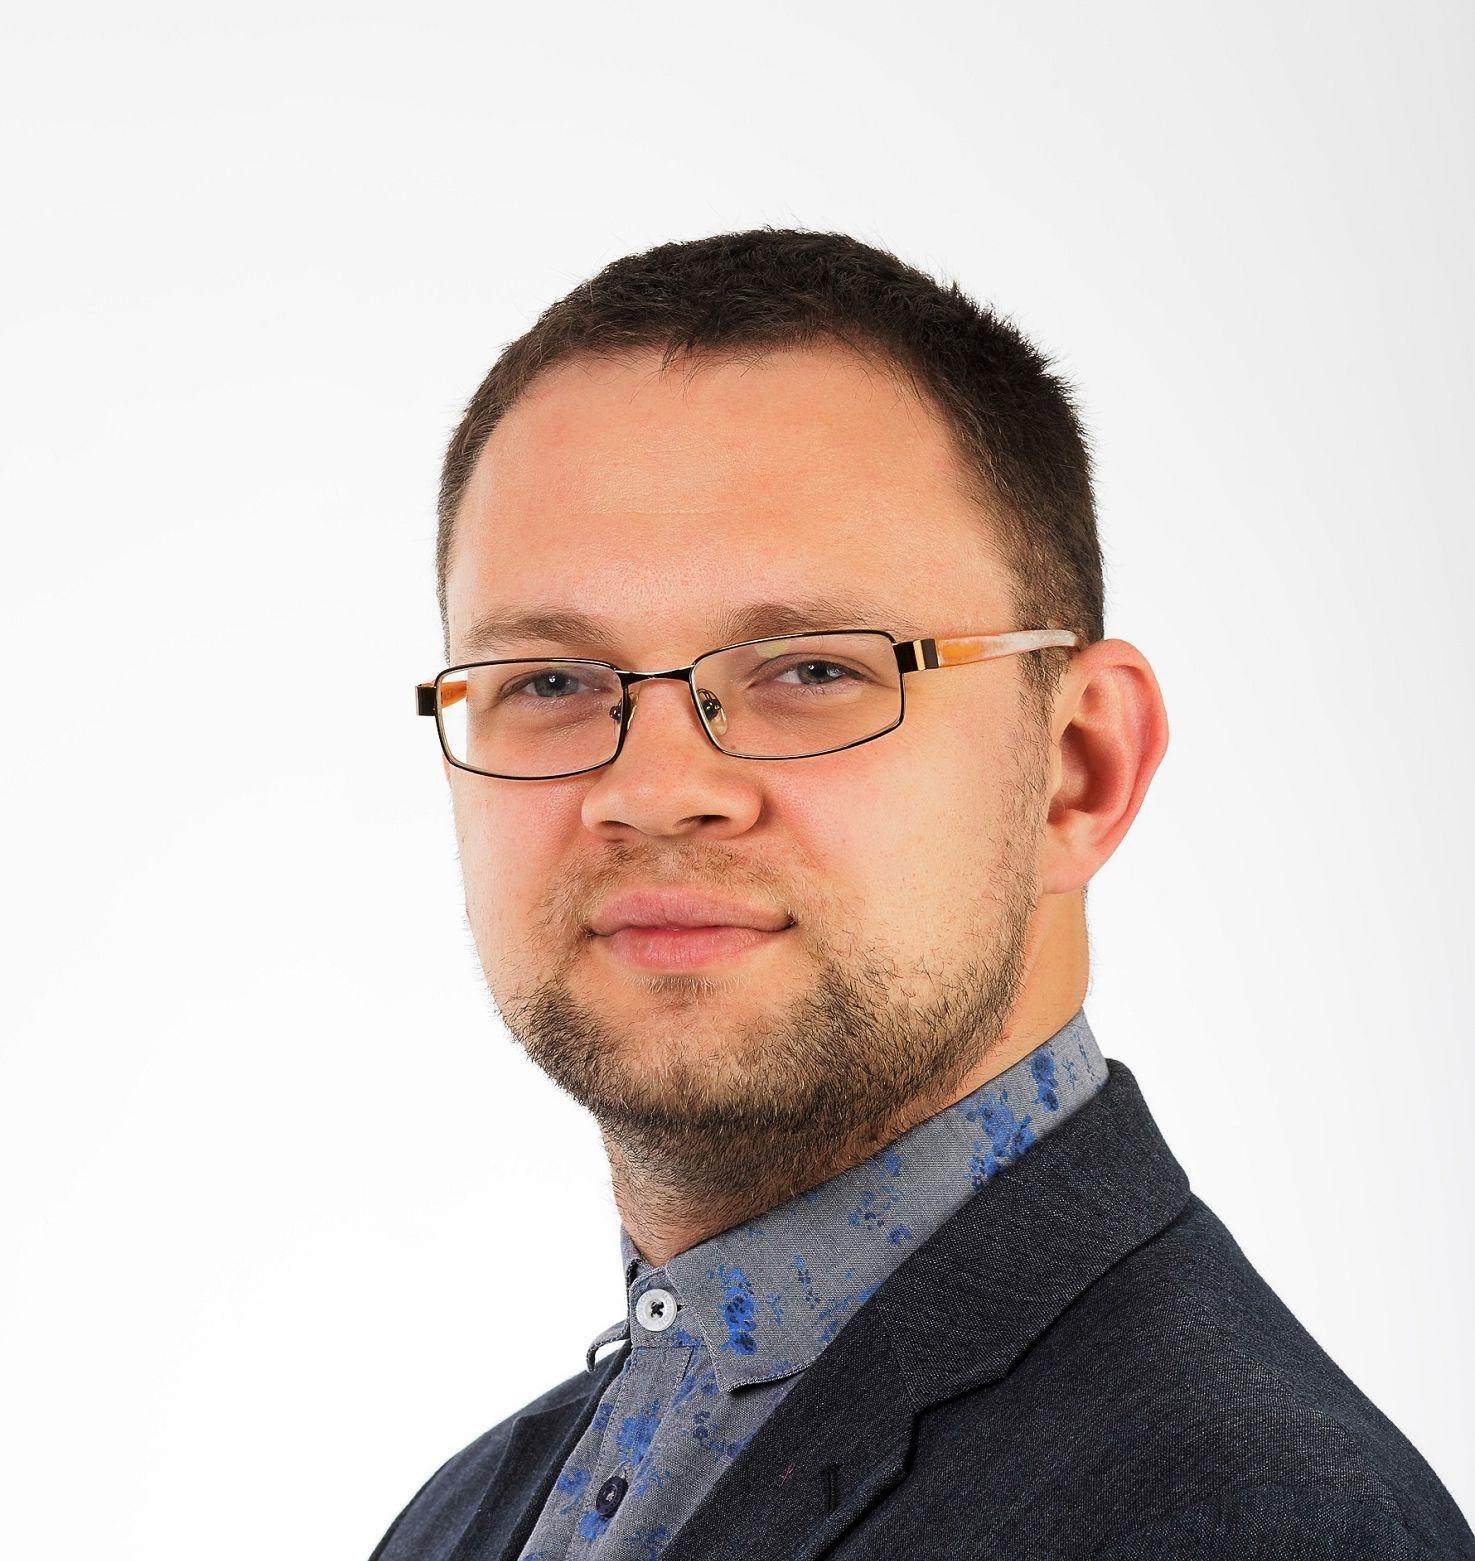 Eesti Taimekasvatuse Instituudi direktoriks saab Andre Veskioja